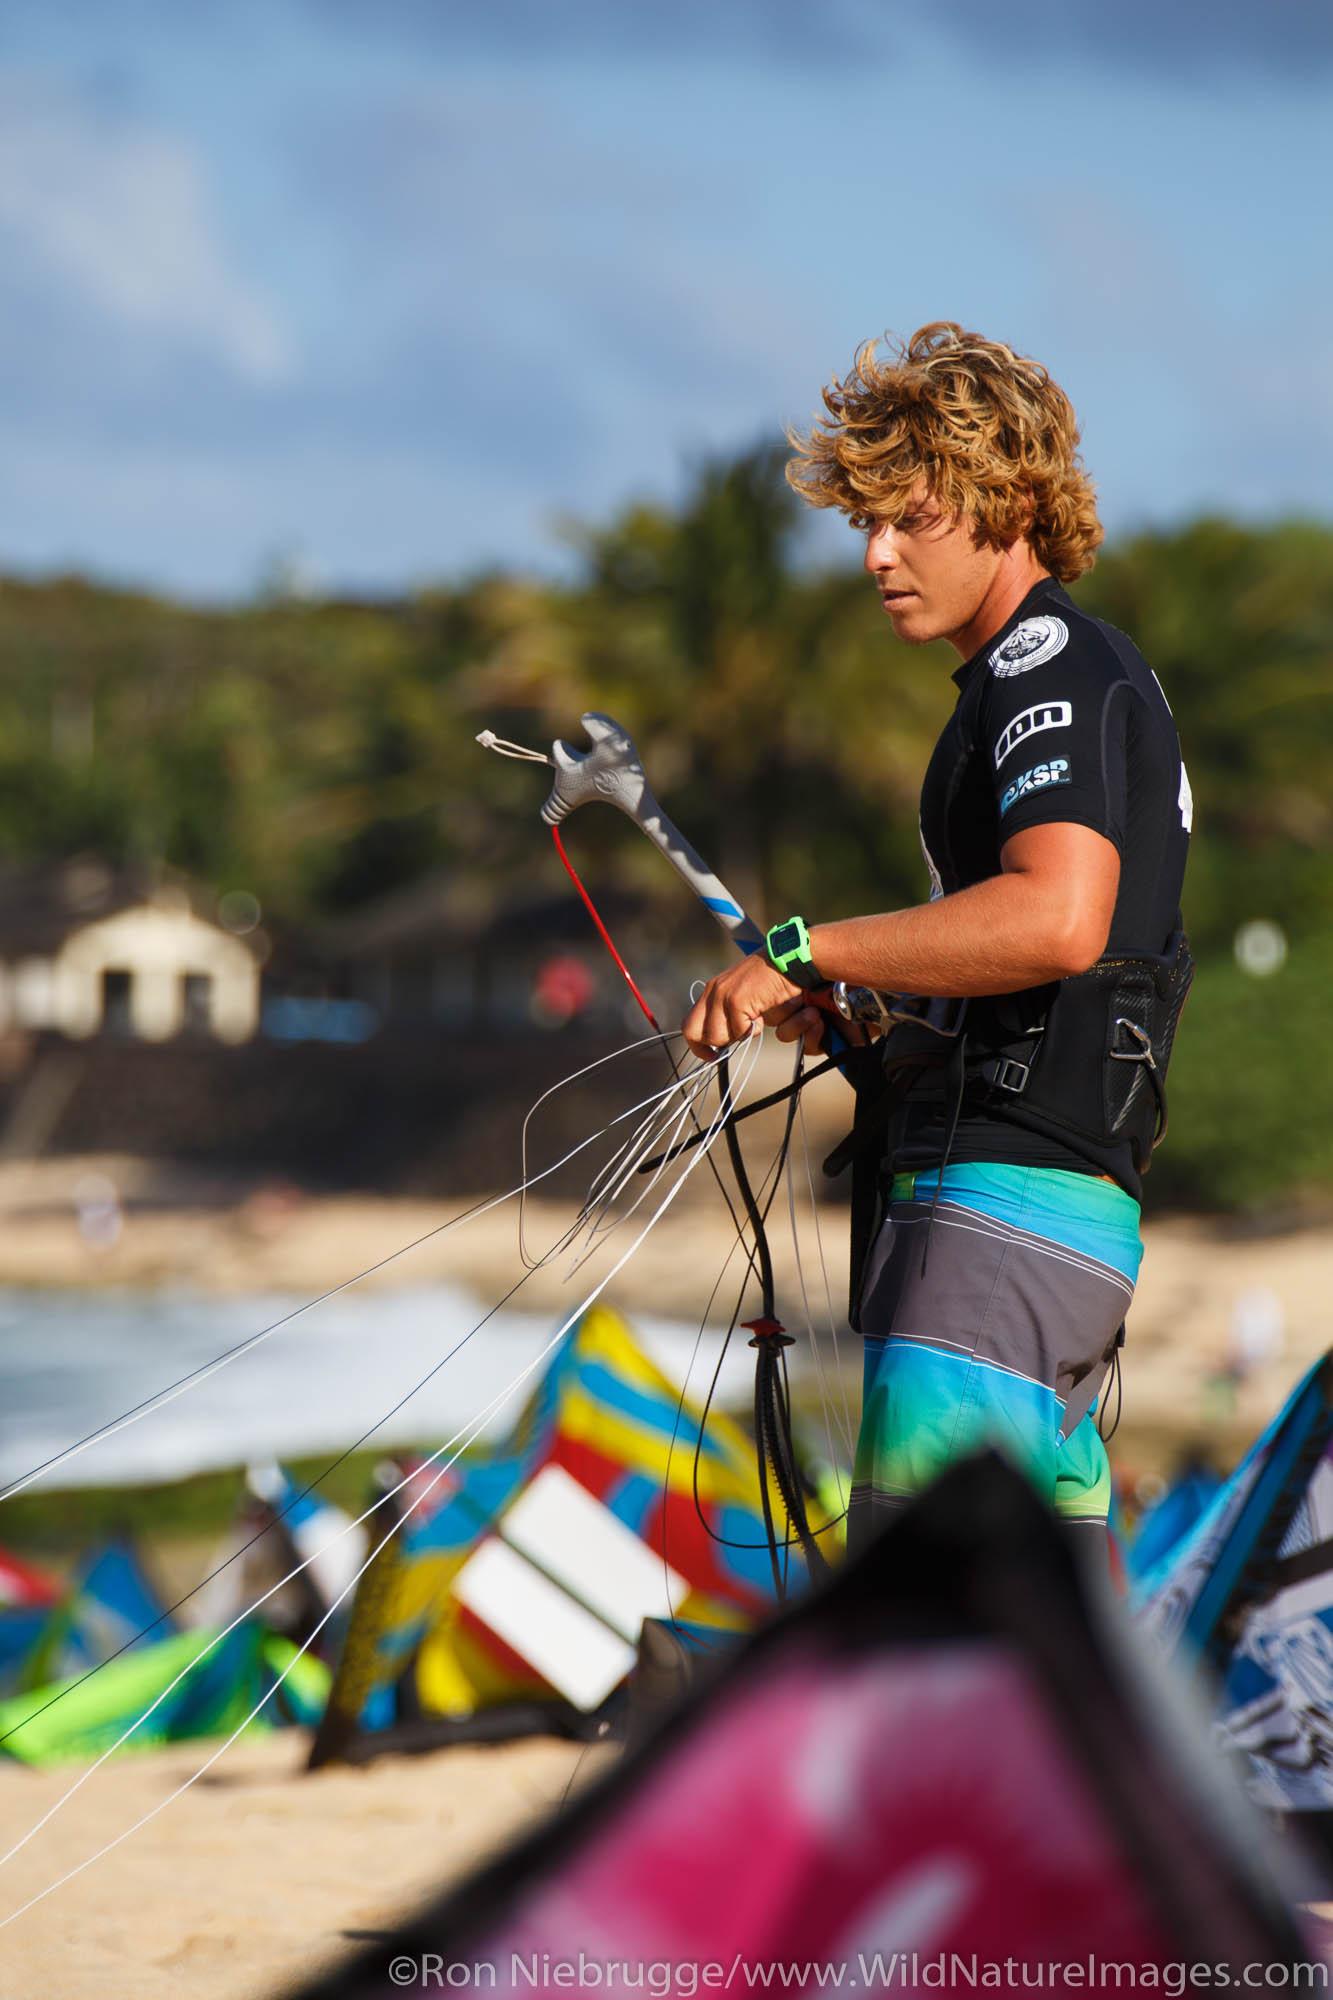 Keahi DeAboitiz, winner of the the 2013 Kite Surf Pro World Championships held nearby at Ho'okipa Beach, Maui, Hawaii.